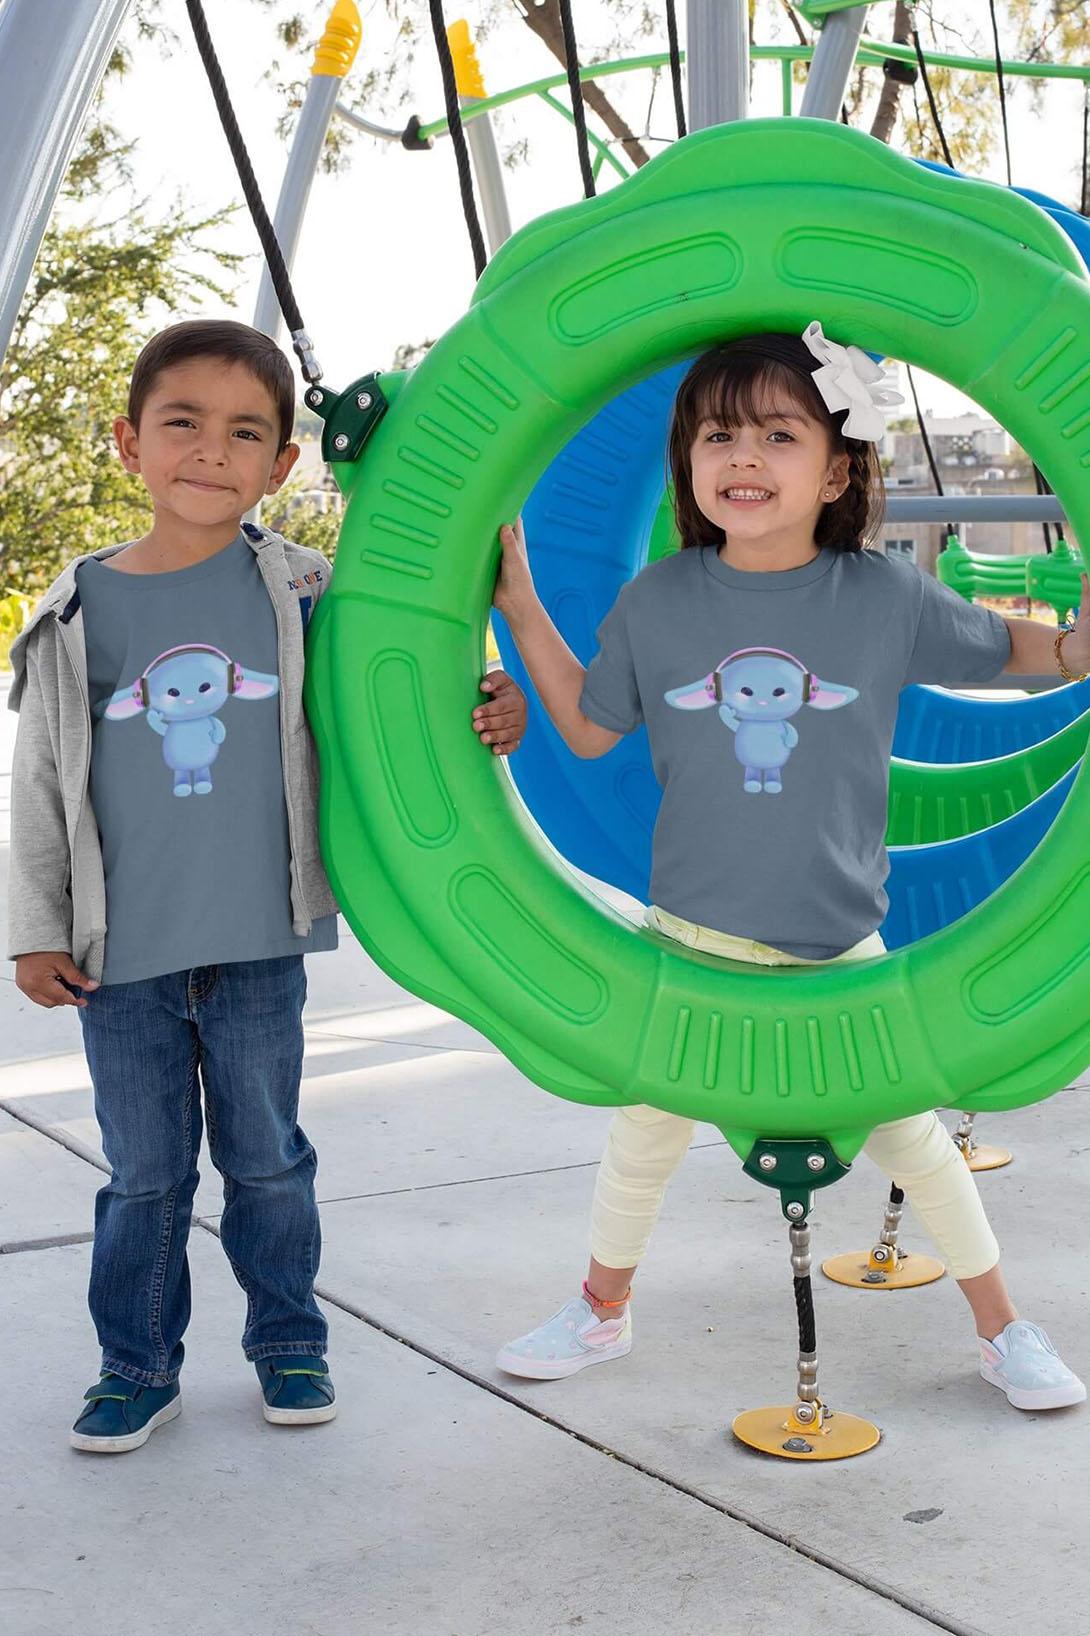 MMO Detské tričko Zajac so slúchadlami Vyberte farbu:: Limetková, Detská veľkosť: 122/6 rokov